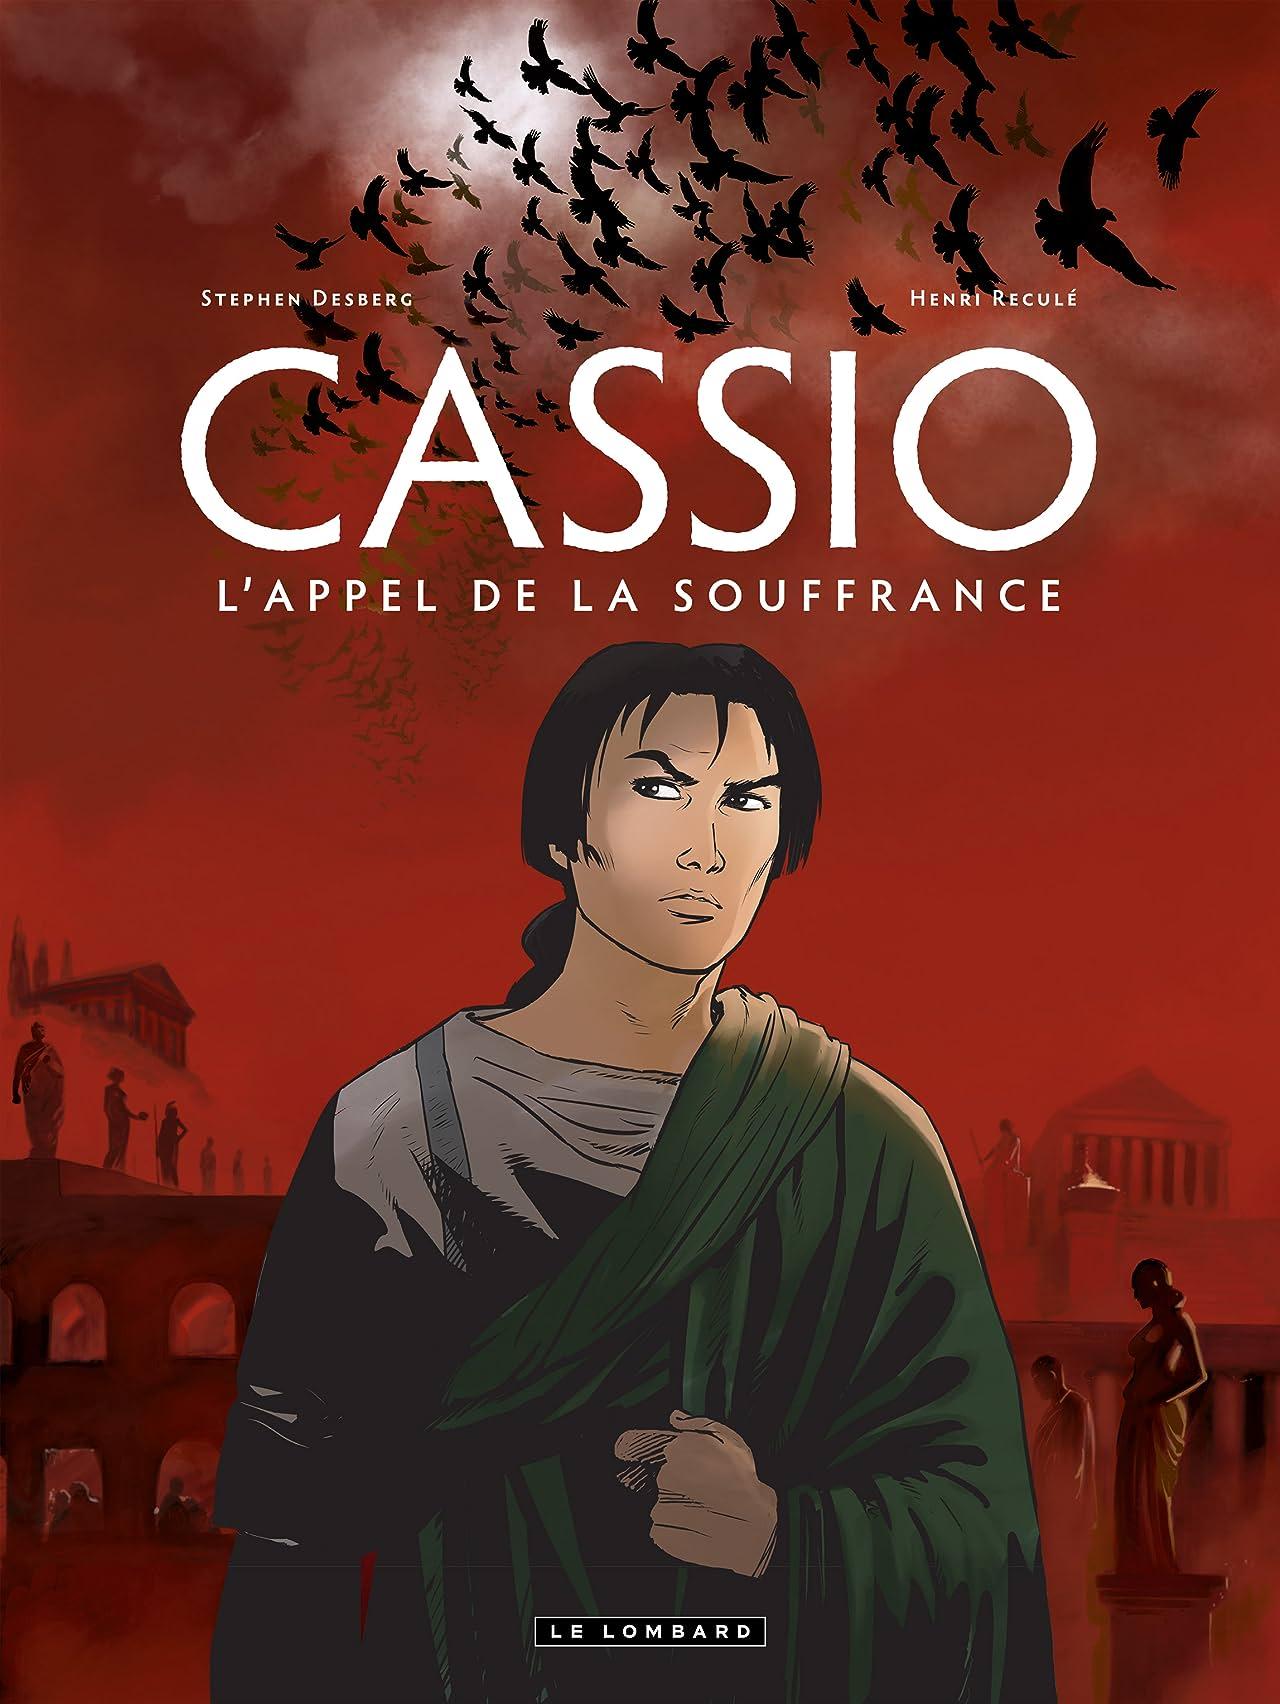 Cassio Vol. 6: L'appel de la souffrance